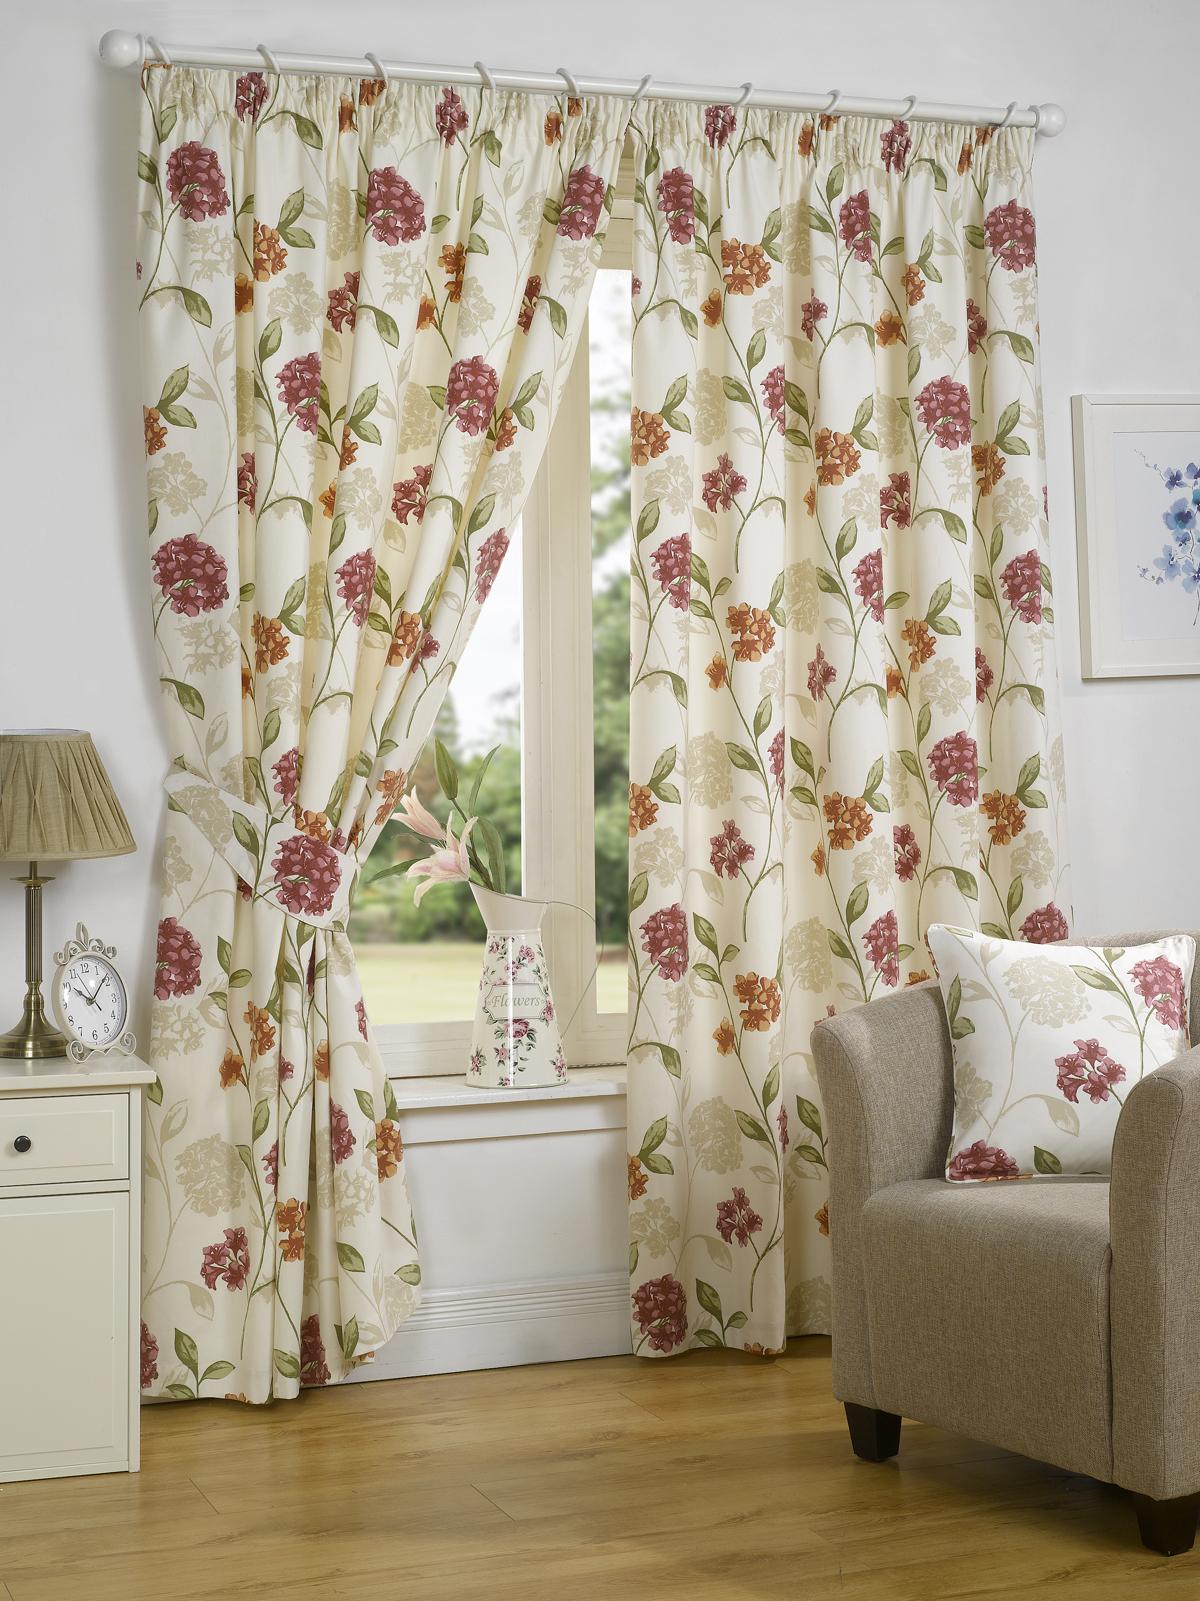 rideaux enti rment doubl s fleurs design accessoires disponibles ebay